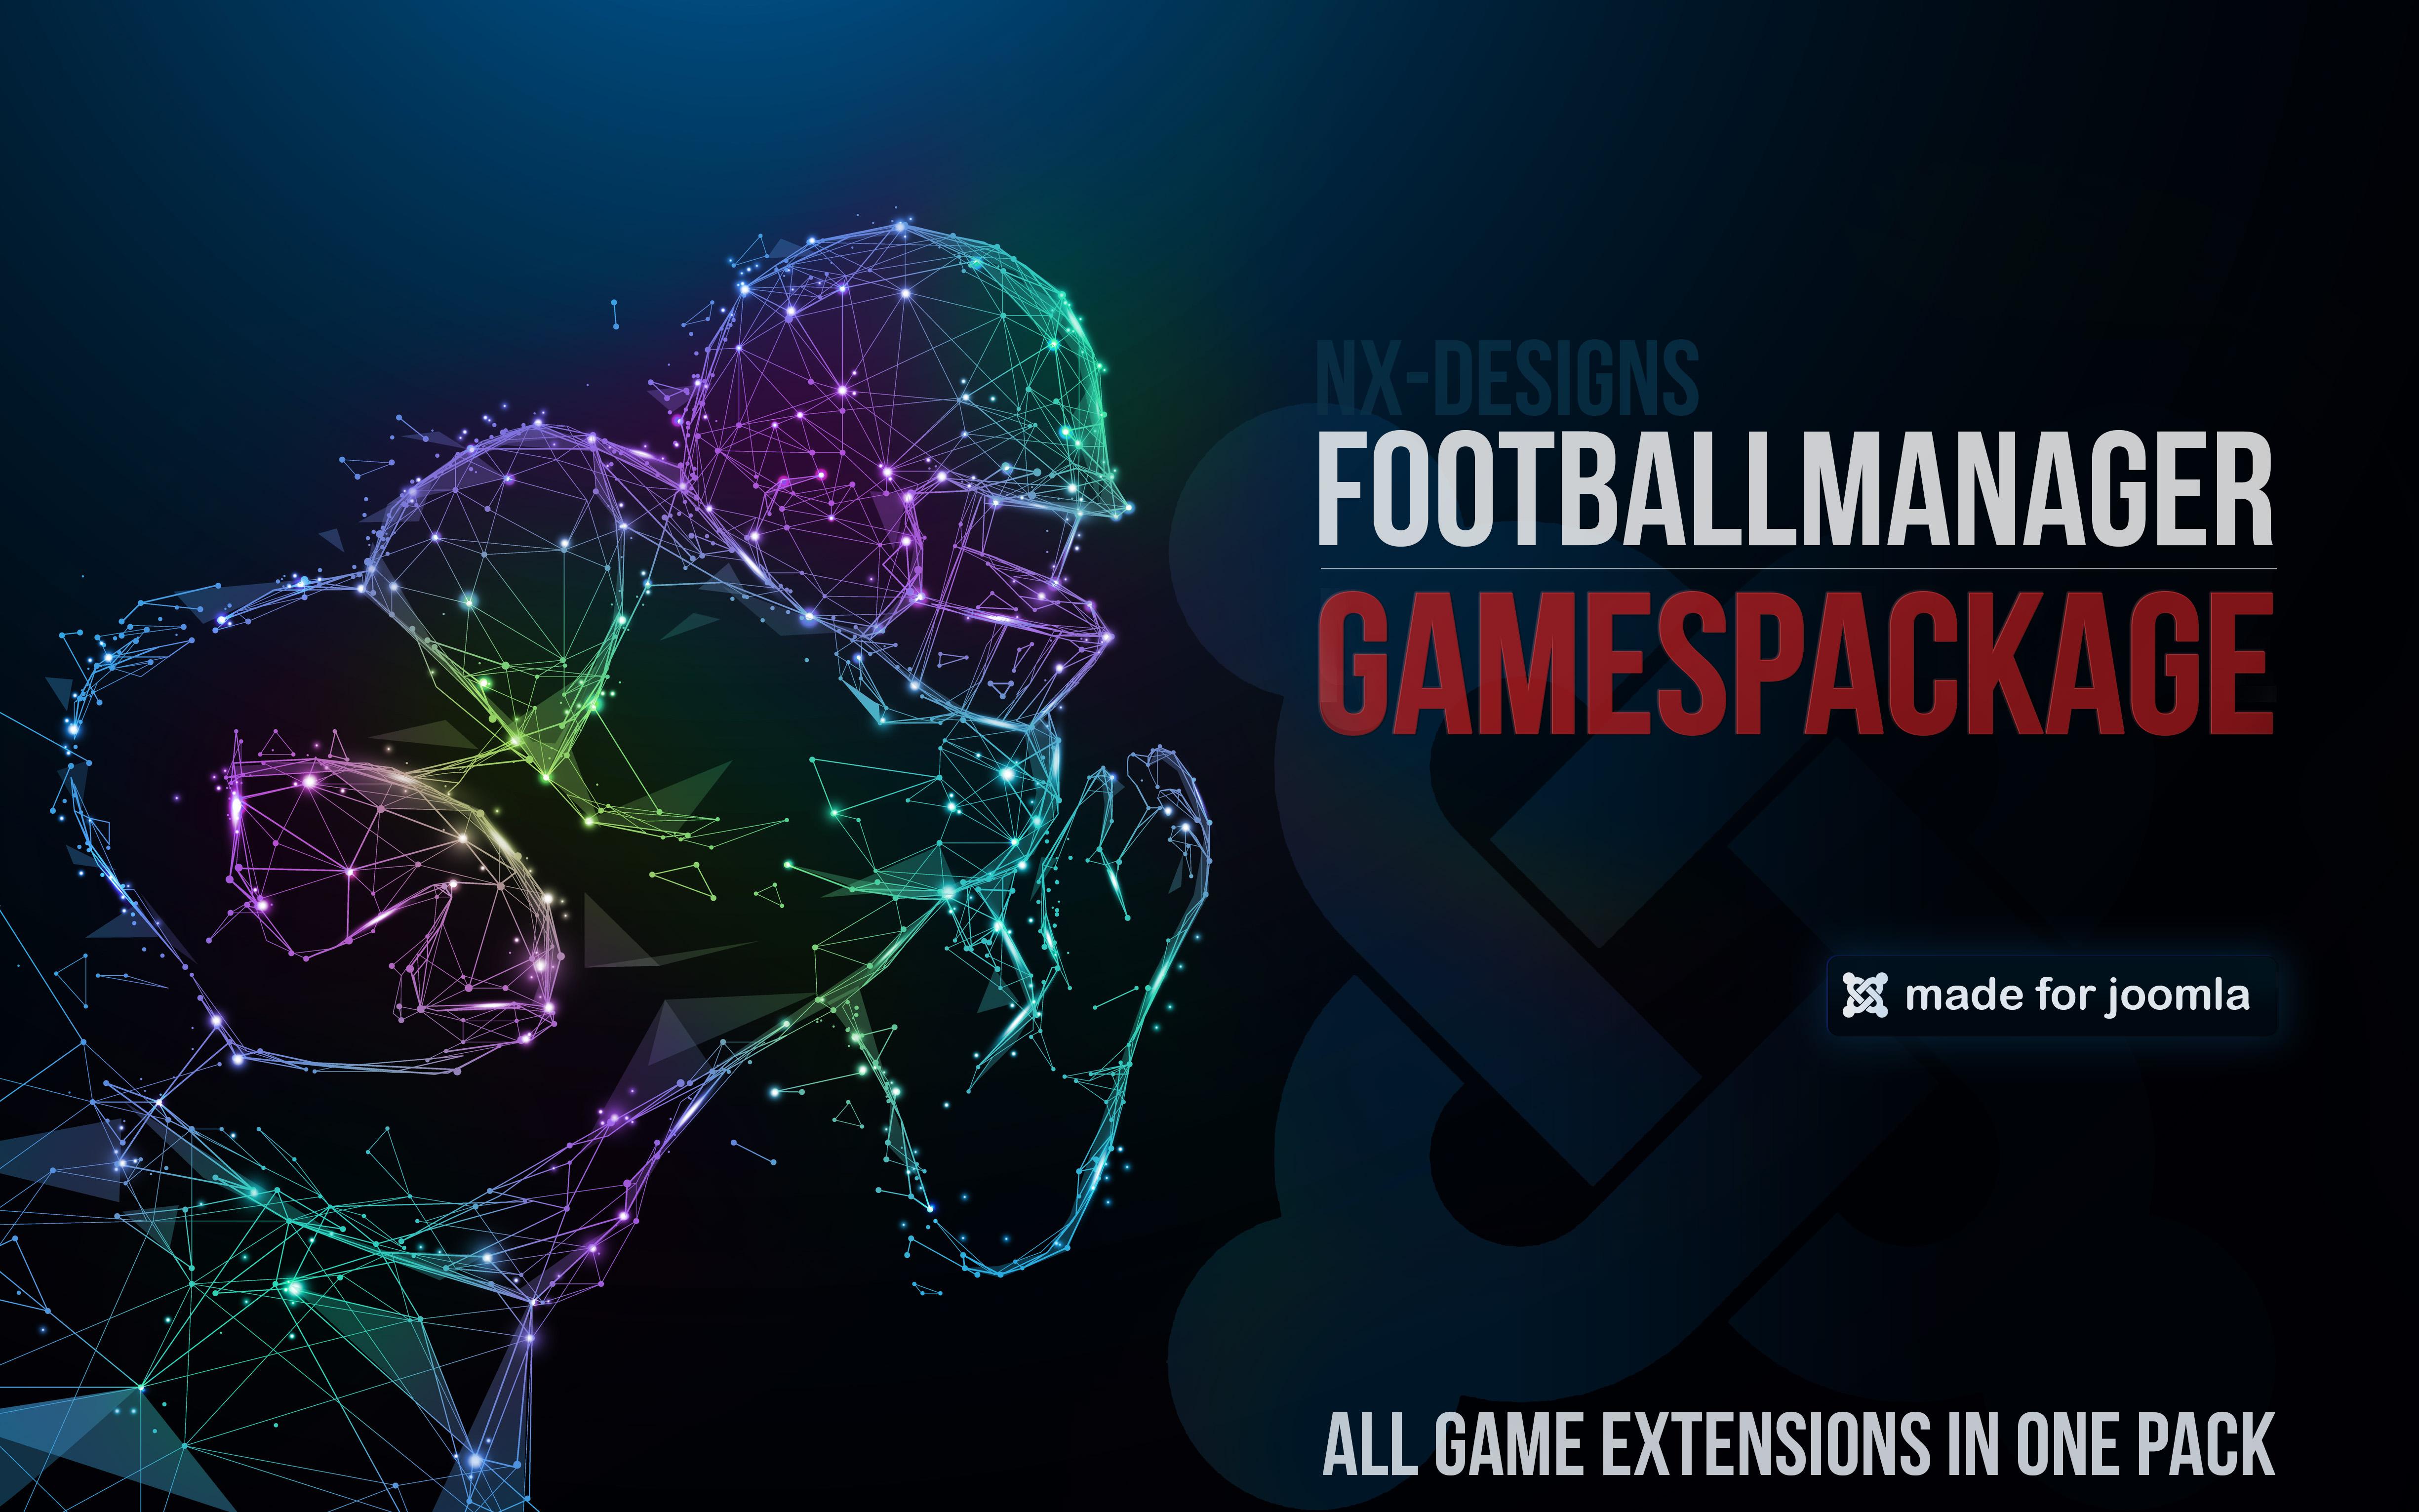 FootballManager GamesPackage